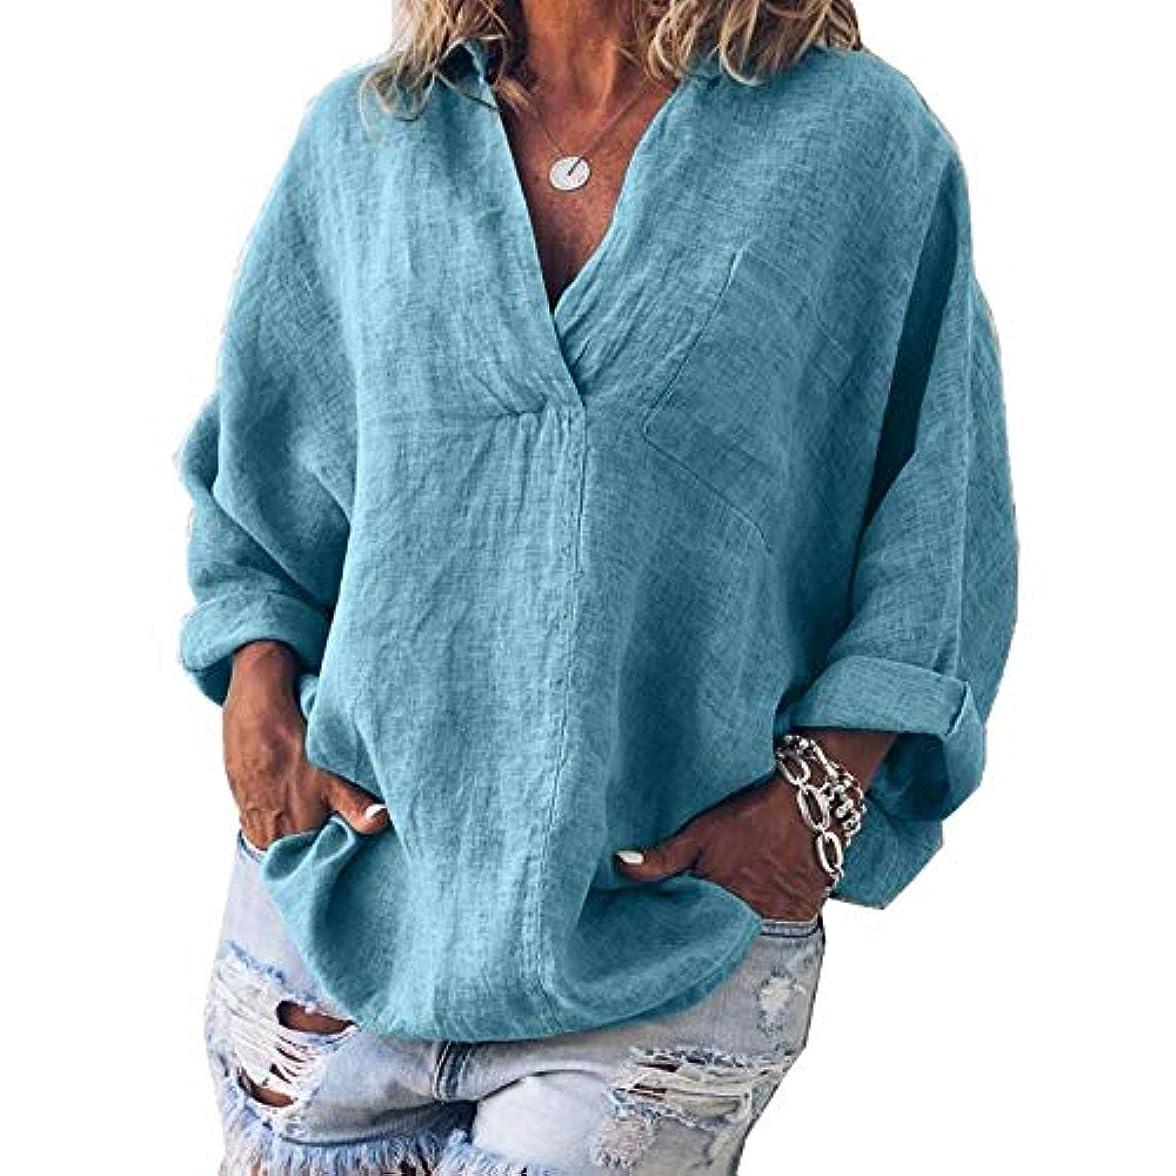 侵入バラバラにするダッシュMIFAN女性ファッション春夏チュニックトップス深いVネックTシャツ長袖プルオーバールーズリネンブラウス